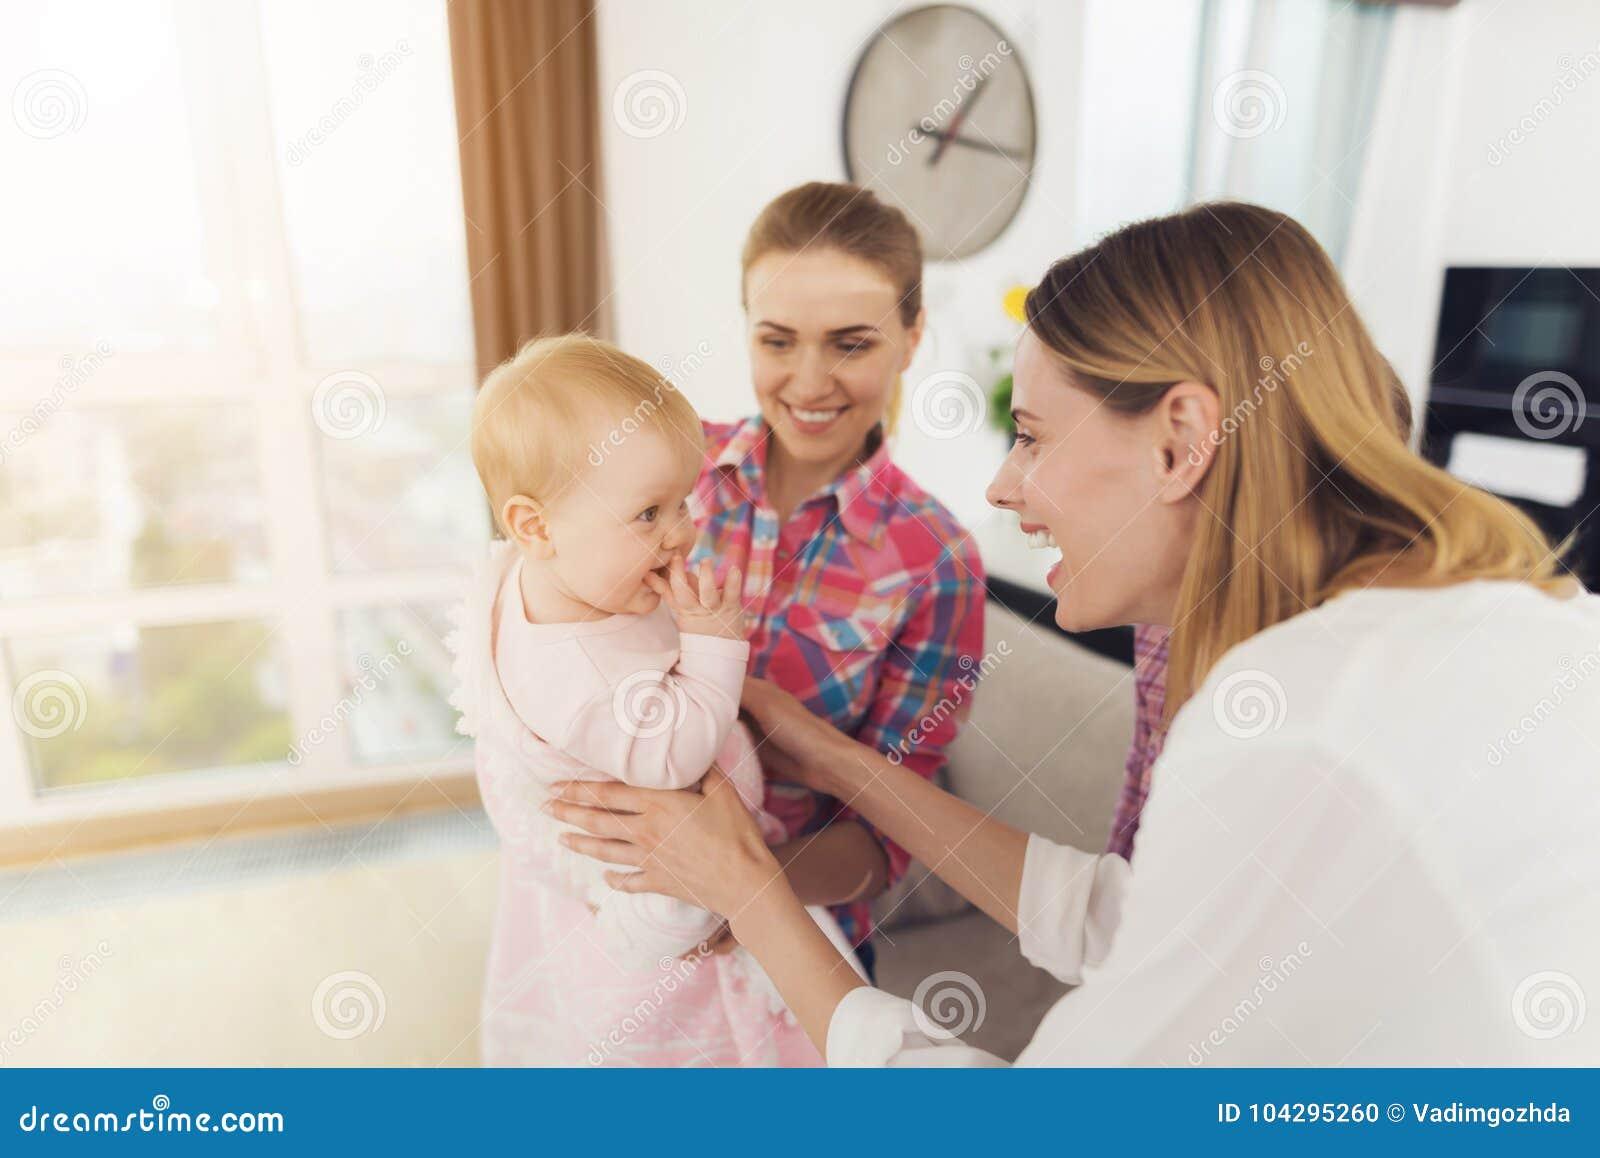 mère fille rencontres sites